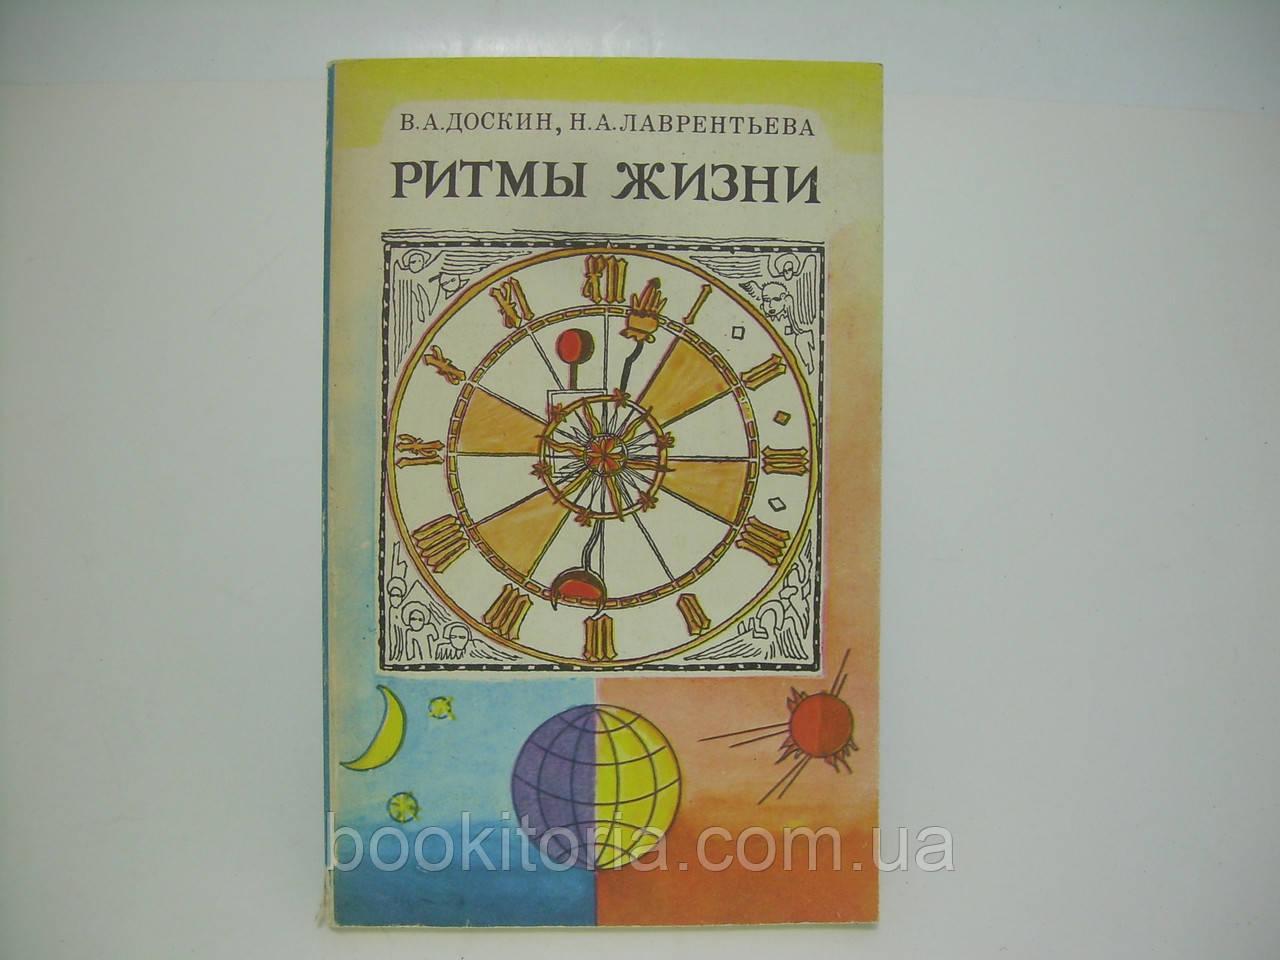 Доскин В.В. Лаврентьева Н.А. Ритмы жизни (б/у).